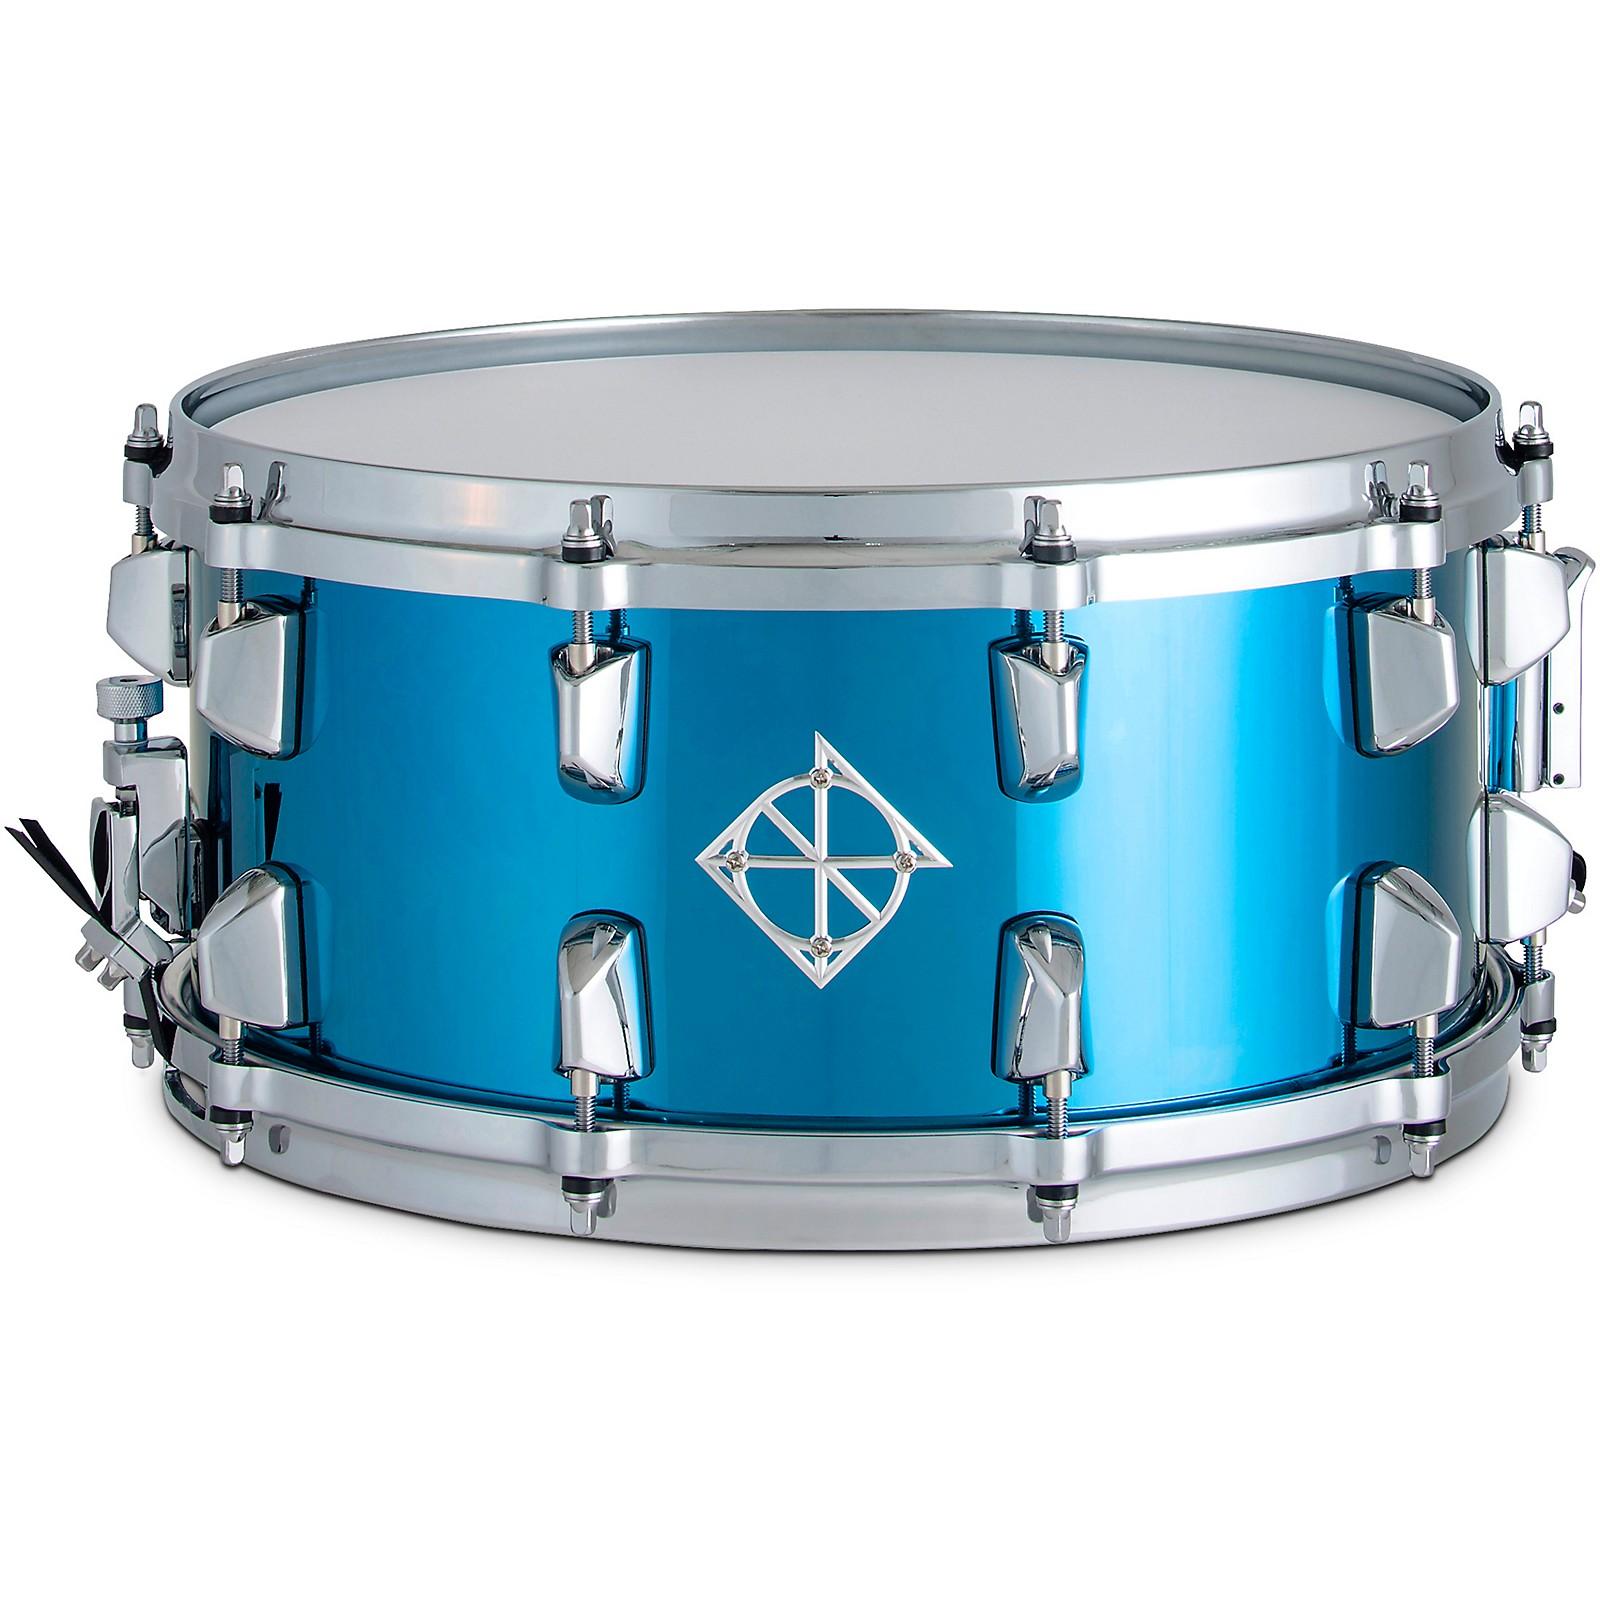 Dixon Artisan Blue Titainium Steel Snare Drum